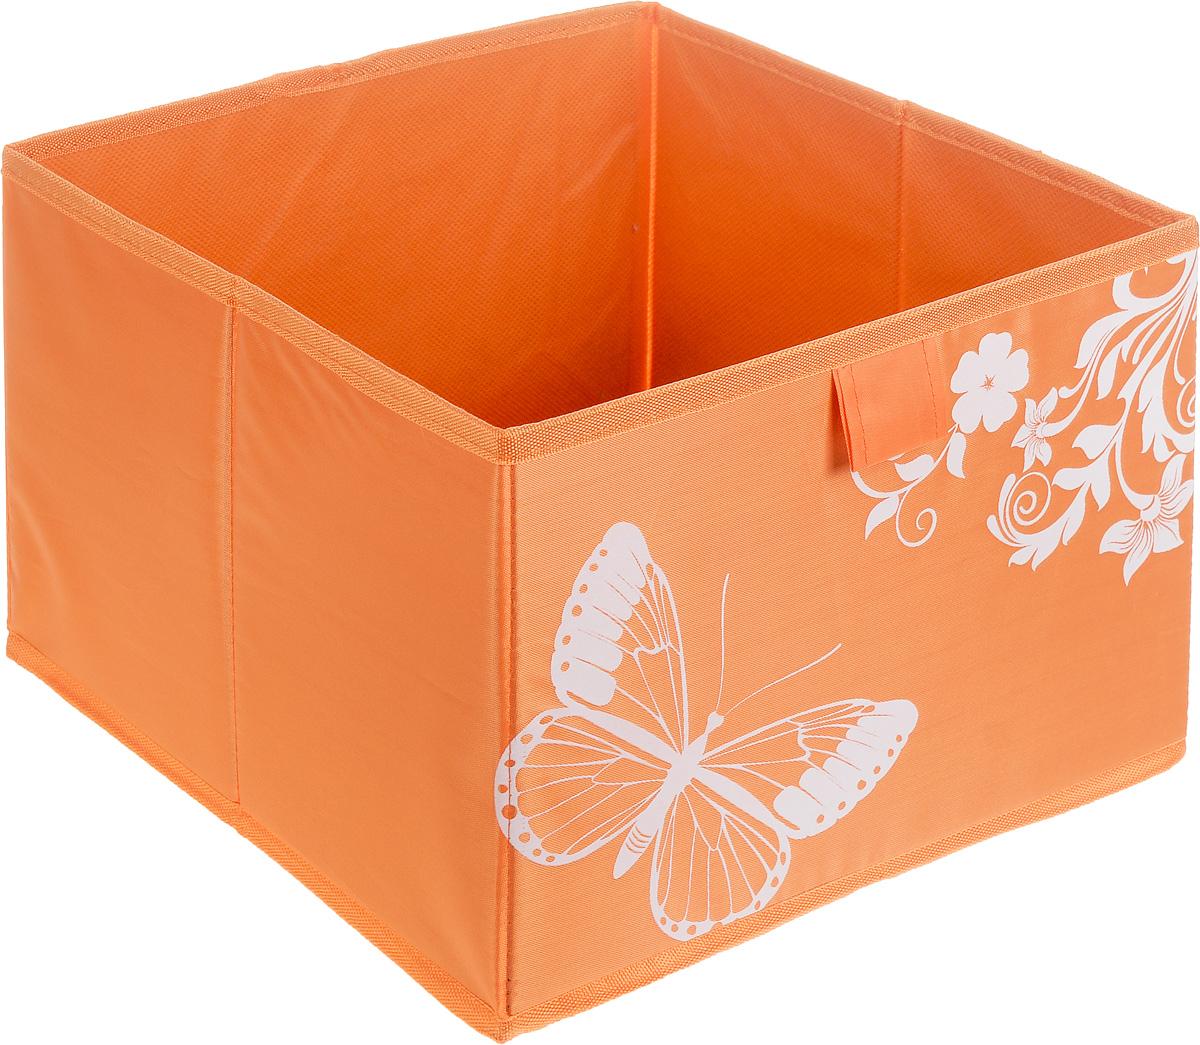 Коробка для хранения Hausmann Butterfly, цвет: оранжевый, 28 х 27 х 20 смU210DFКоробка для хранения Hausmann Butterfly поможет легко организовать пространство в шкафу или в гардеробе. Изделие выполнено из нетканого материала и полиэстера. Коробка держит форму благодаря жесткой вставке из картона, которая устанавливается на дно. Боковая поверхность оформлена красивым принтом с изображением бабочек. В такой коробке удобно хранить нижнее белье, ремни и различные аксессуары.